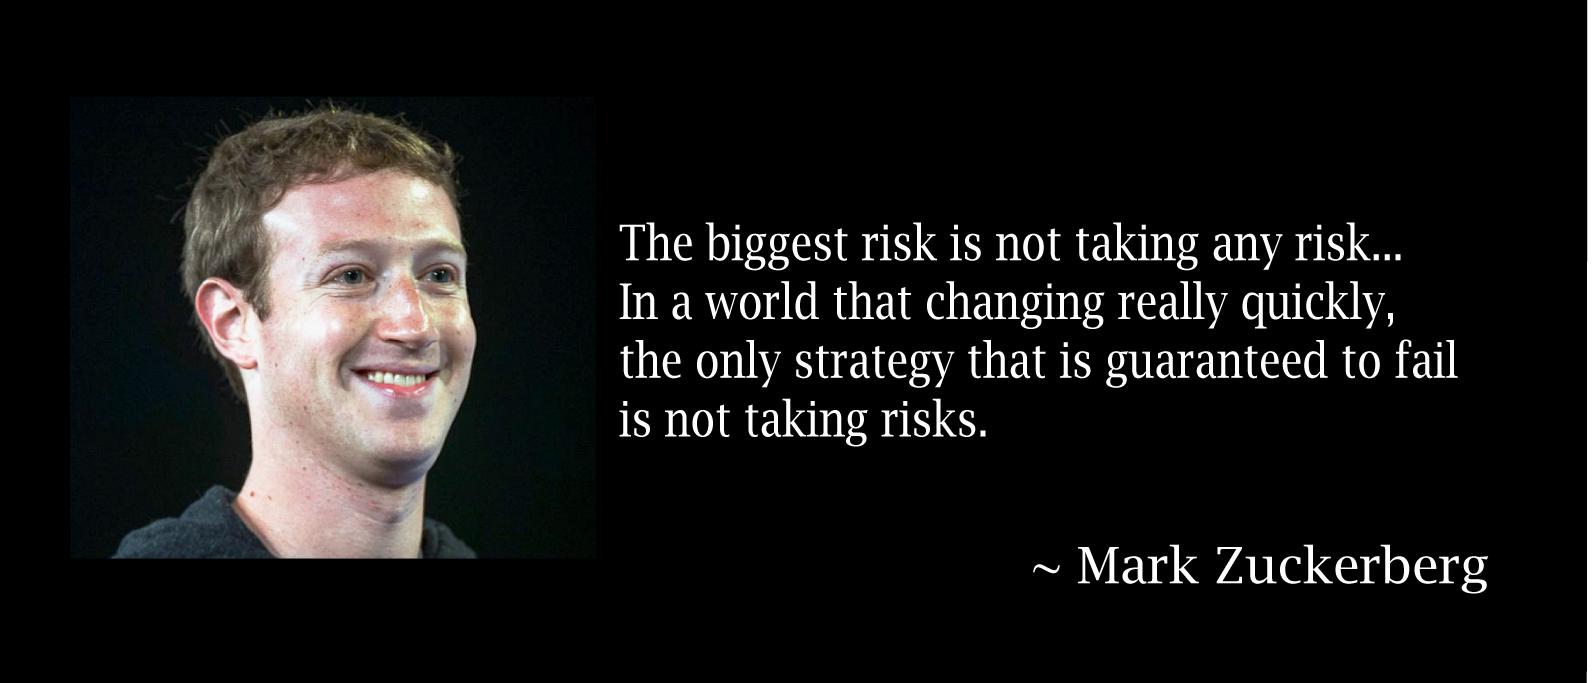 Mark Zuckerberg Life Quotes Millionaire Quotes